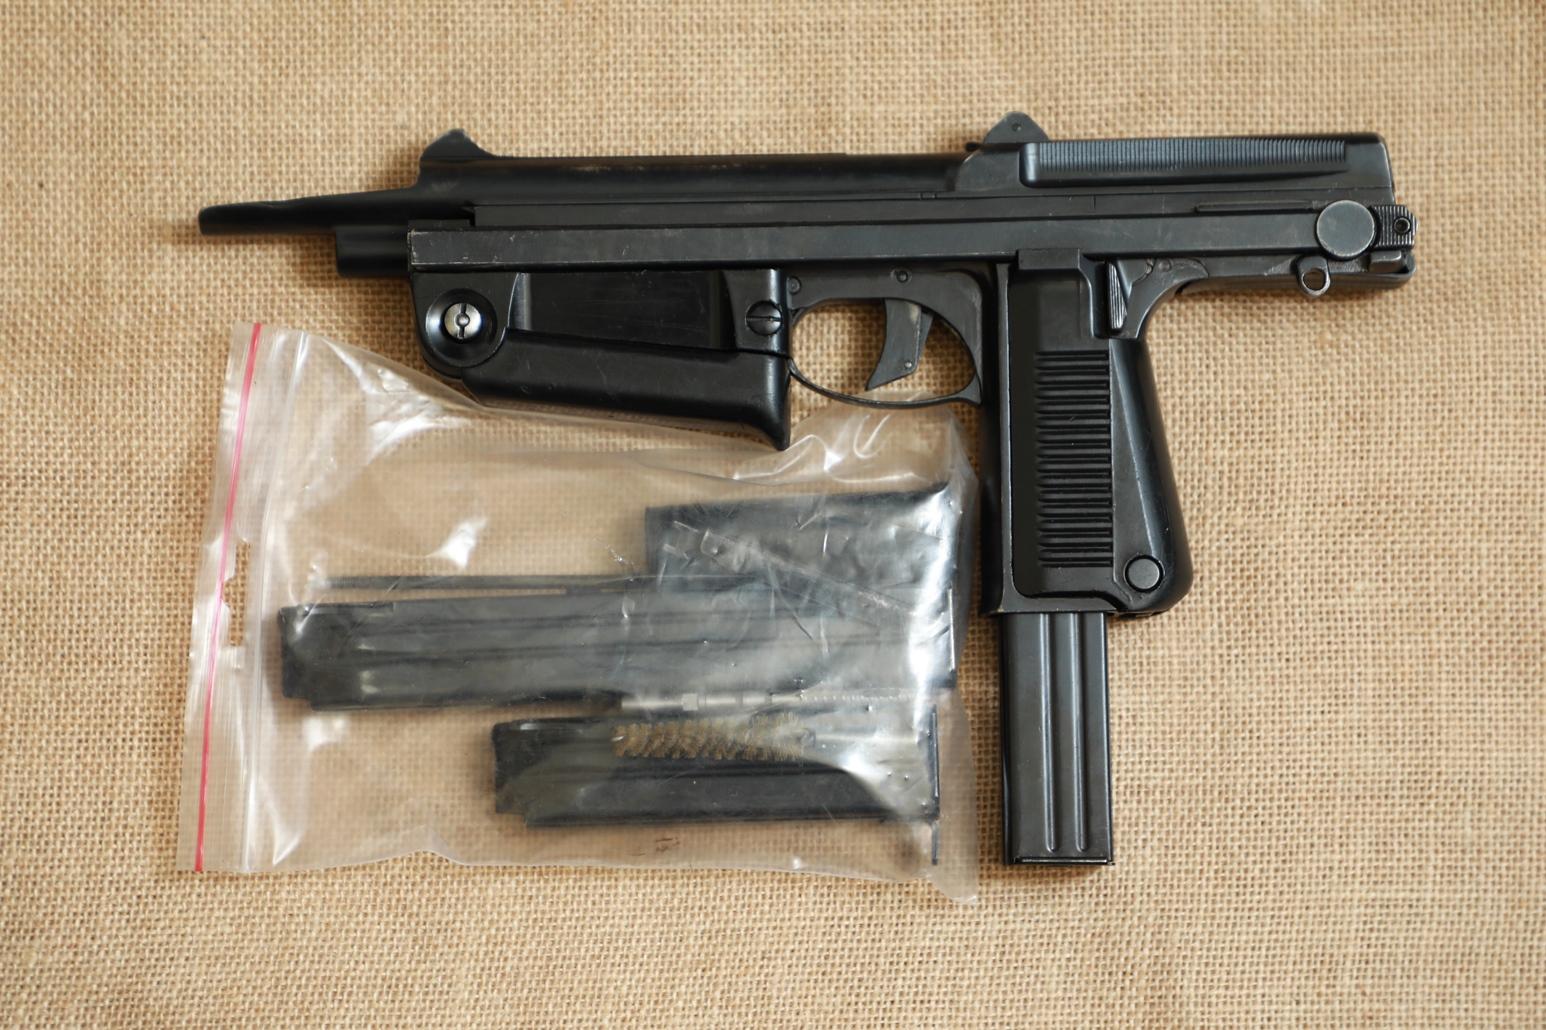 Охолощенный пистолет-пулемет RAK-63 #WR 3572 1972 год, 1 категория